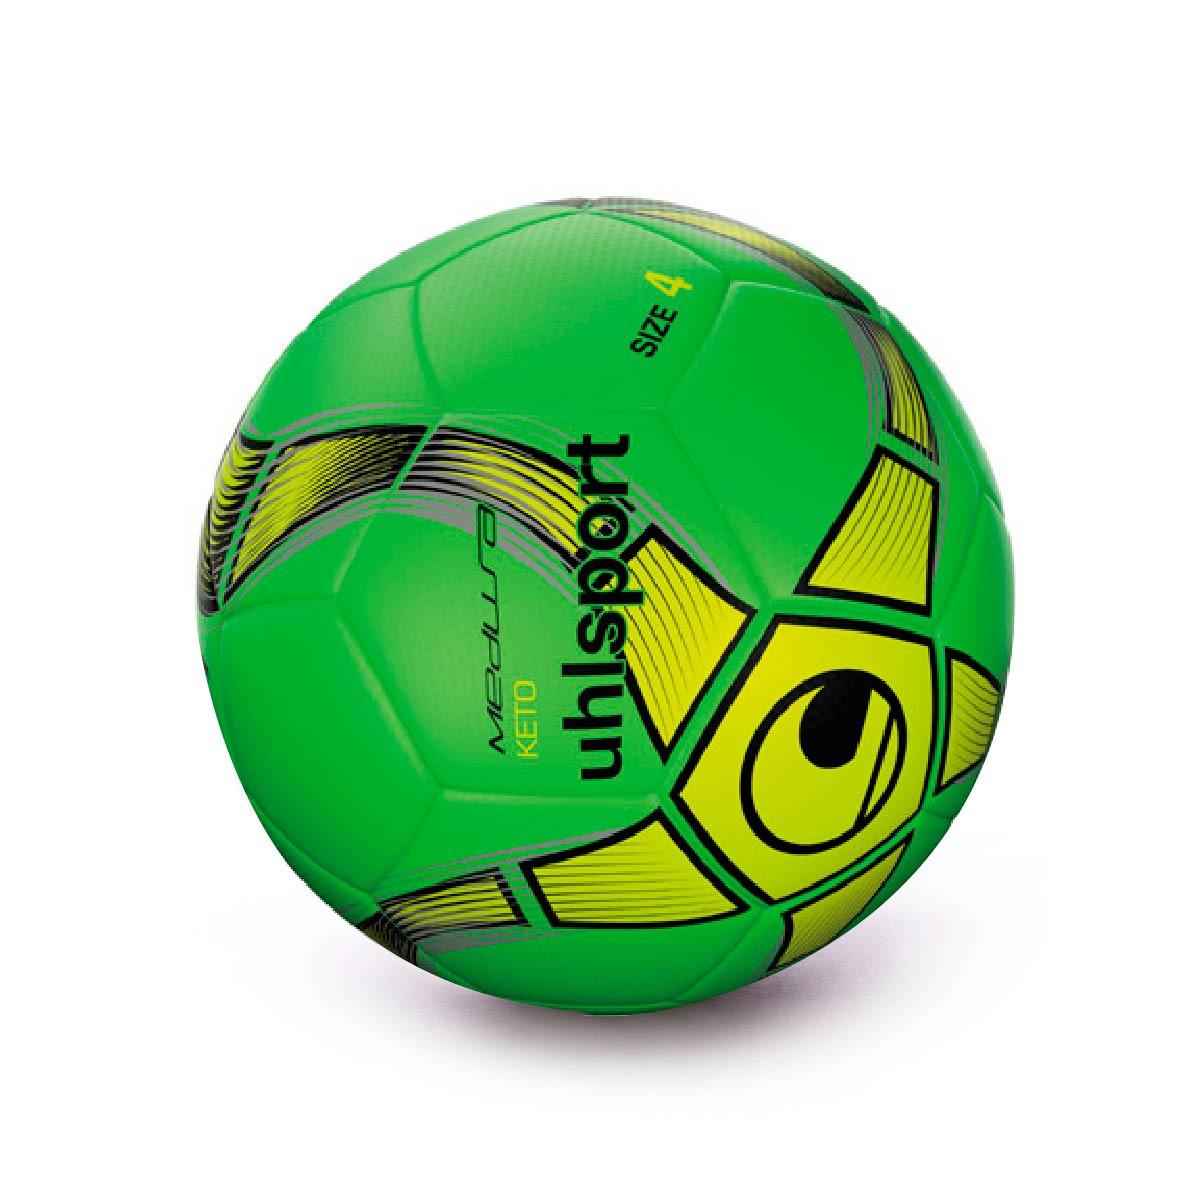 Fußball uhlsport Futsal Ball Medusa Keto